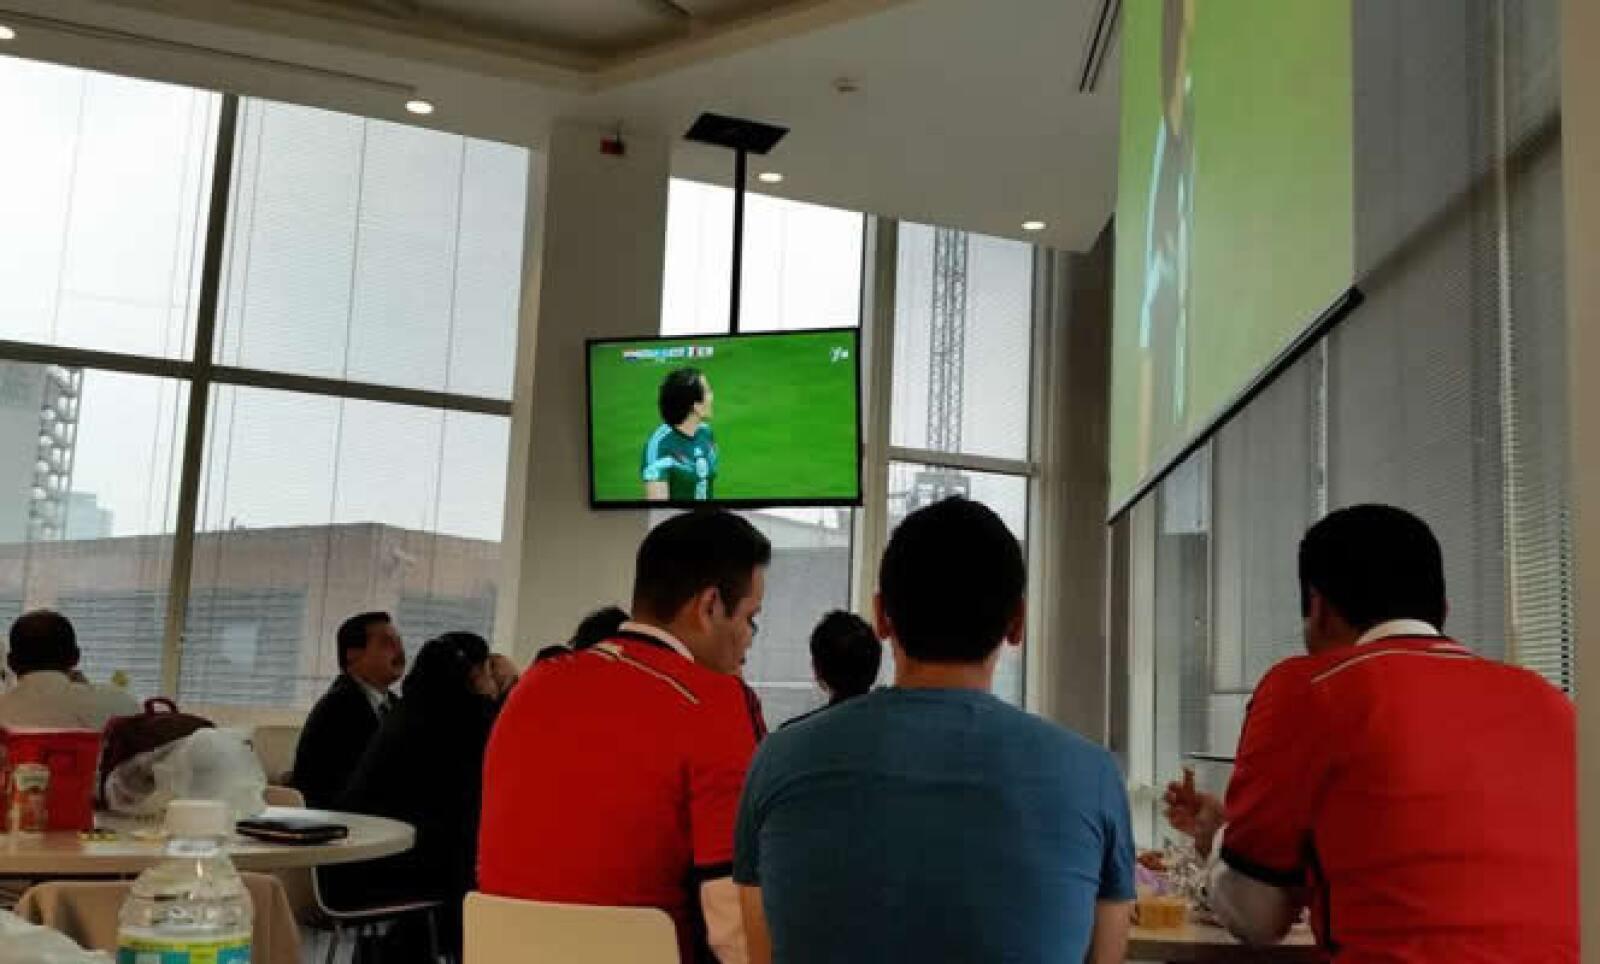 Daniel Oseguera compartió cómo el comedor de su empresa se convirtió en una sala de televisión para mirar el encuentro mientras comían. @danie10seguera